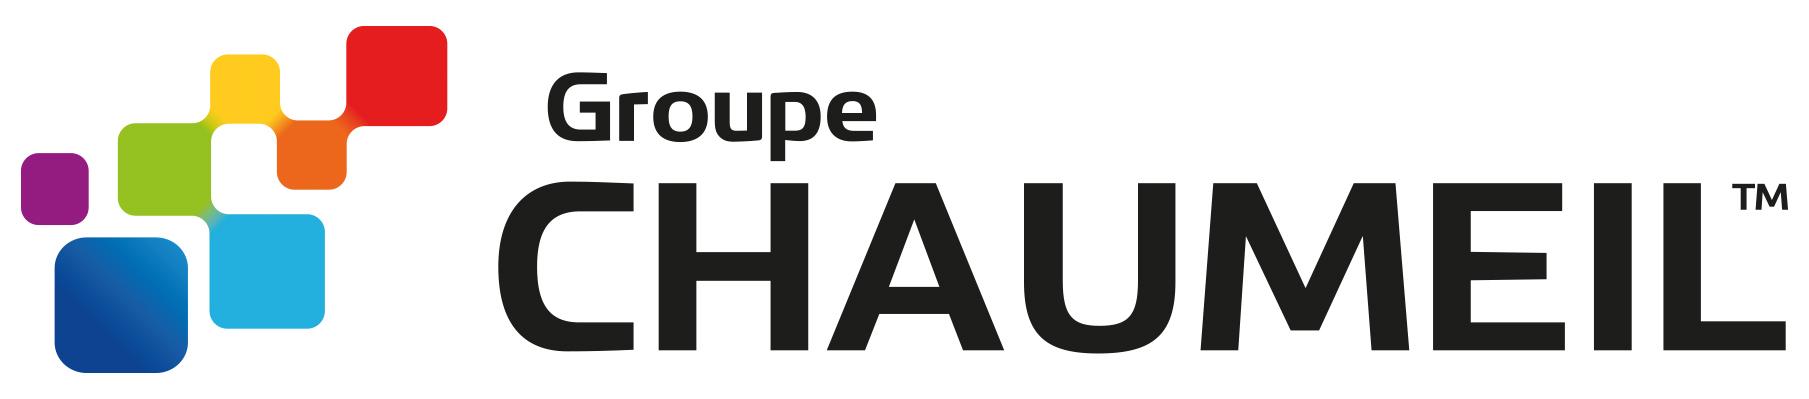 chaumeil-logo-2016-hori_5f7f1d7061923.jpg